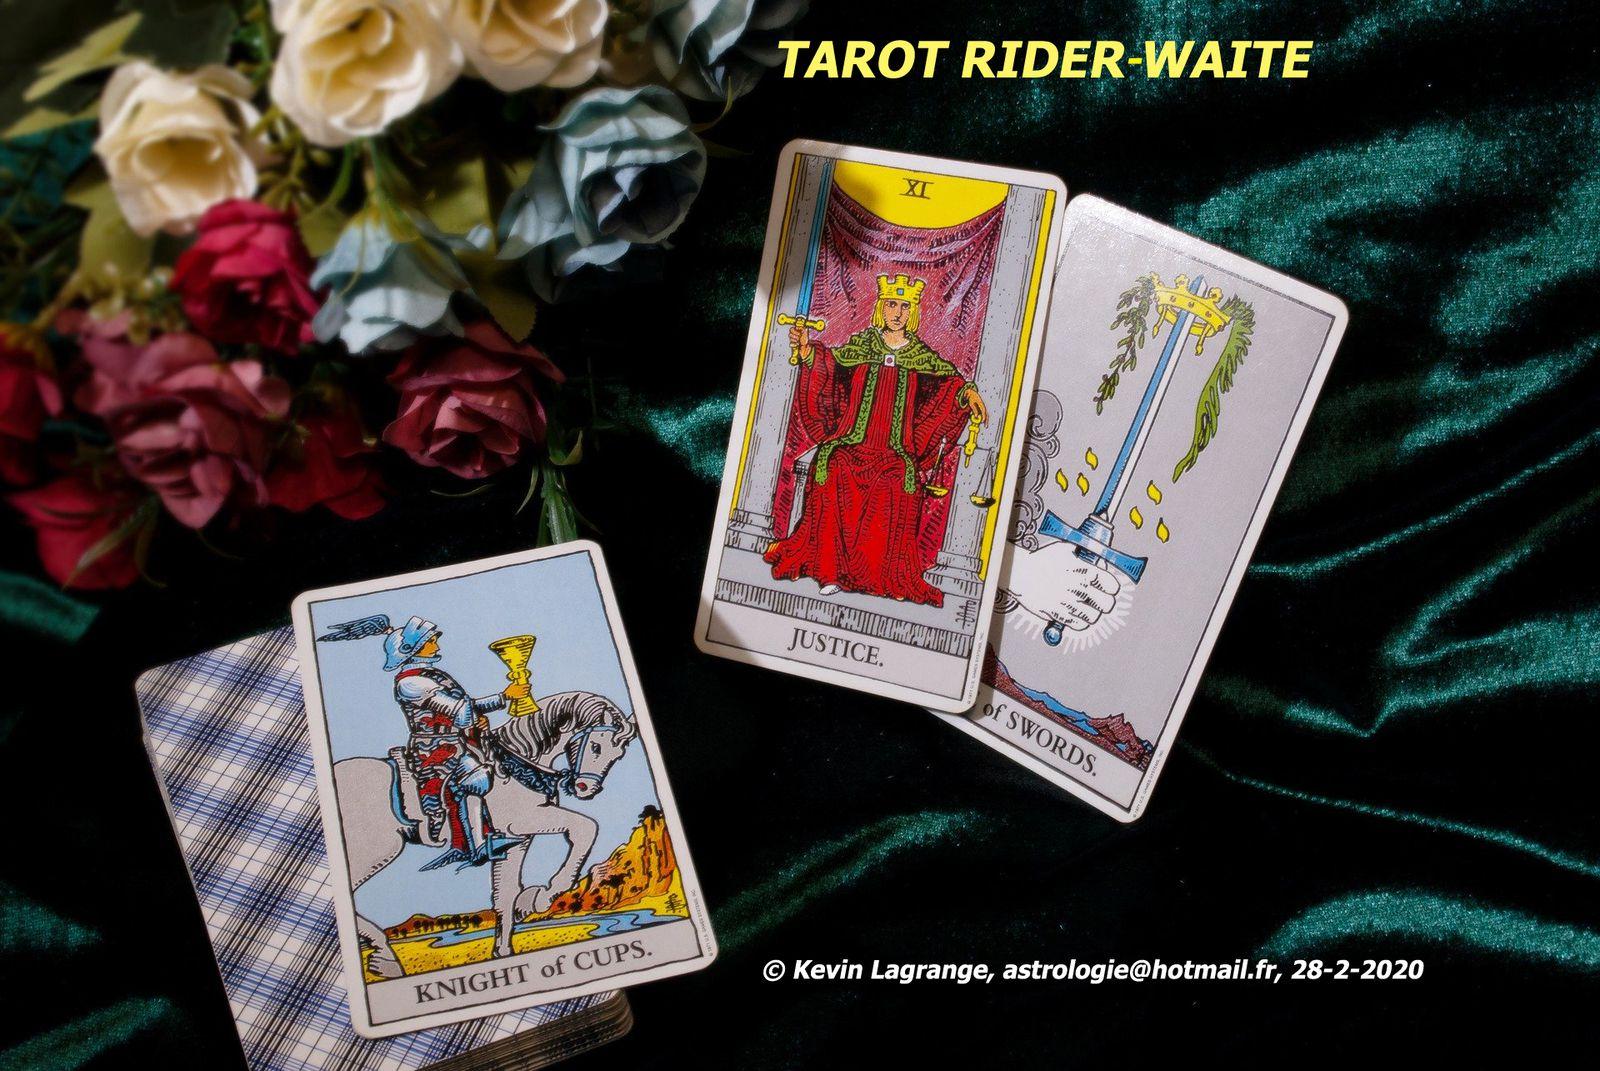 Cartomancie : quel jeu divinatoire pour débuter : Tarot de Marseille, Tarot de Rider-Waite, Oracle de Belline ou Oracle de la Triade  ?